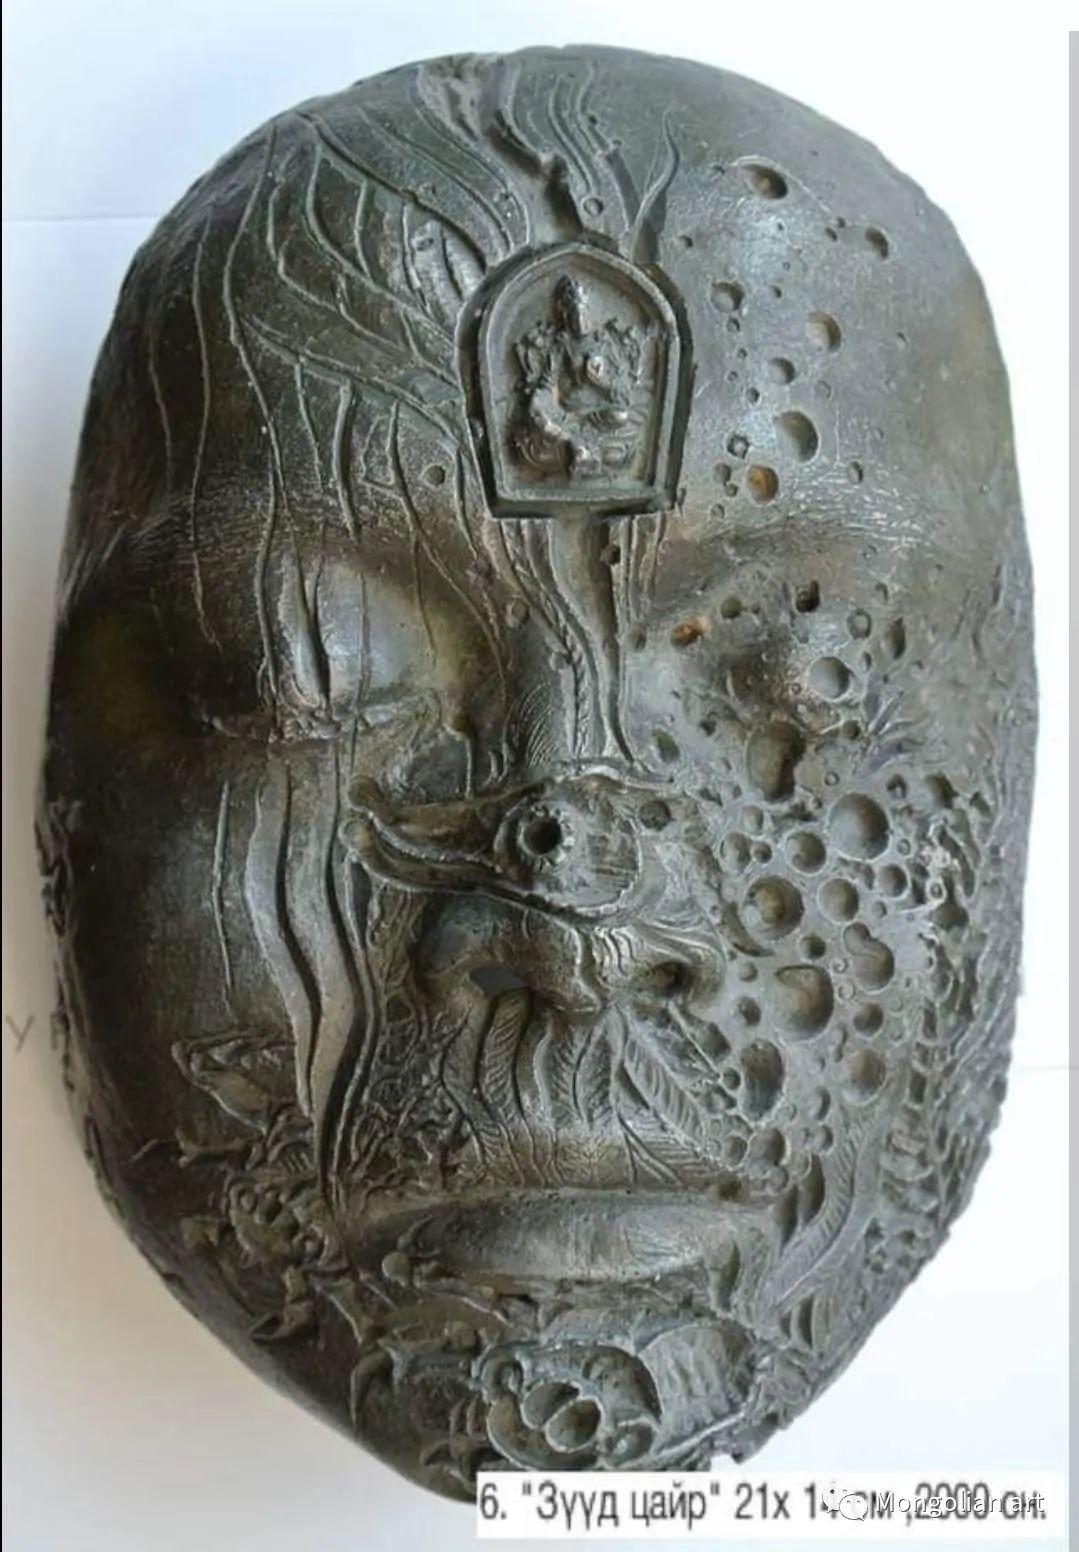 蒙古艺术博物馆获奖雕塑家Tuvdendorj Darzav 第19张 蒙古艺术博物馆获奖雕塑家Tuvdendorj Darzav 蒙古画廊